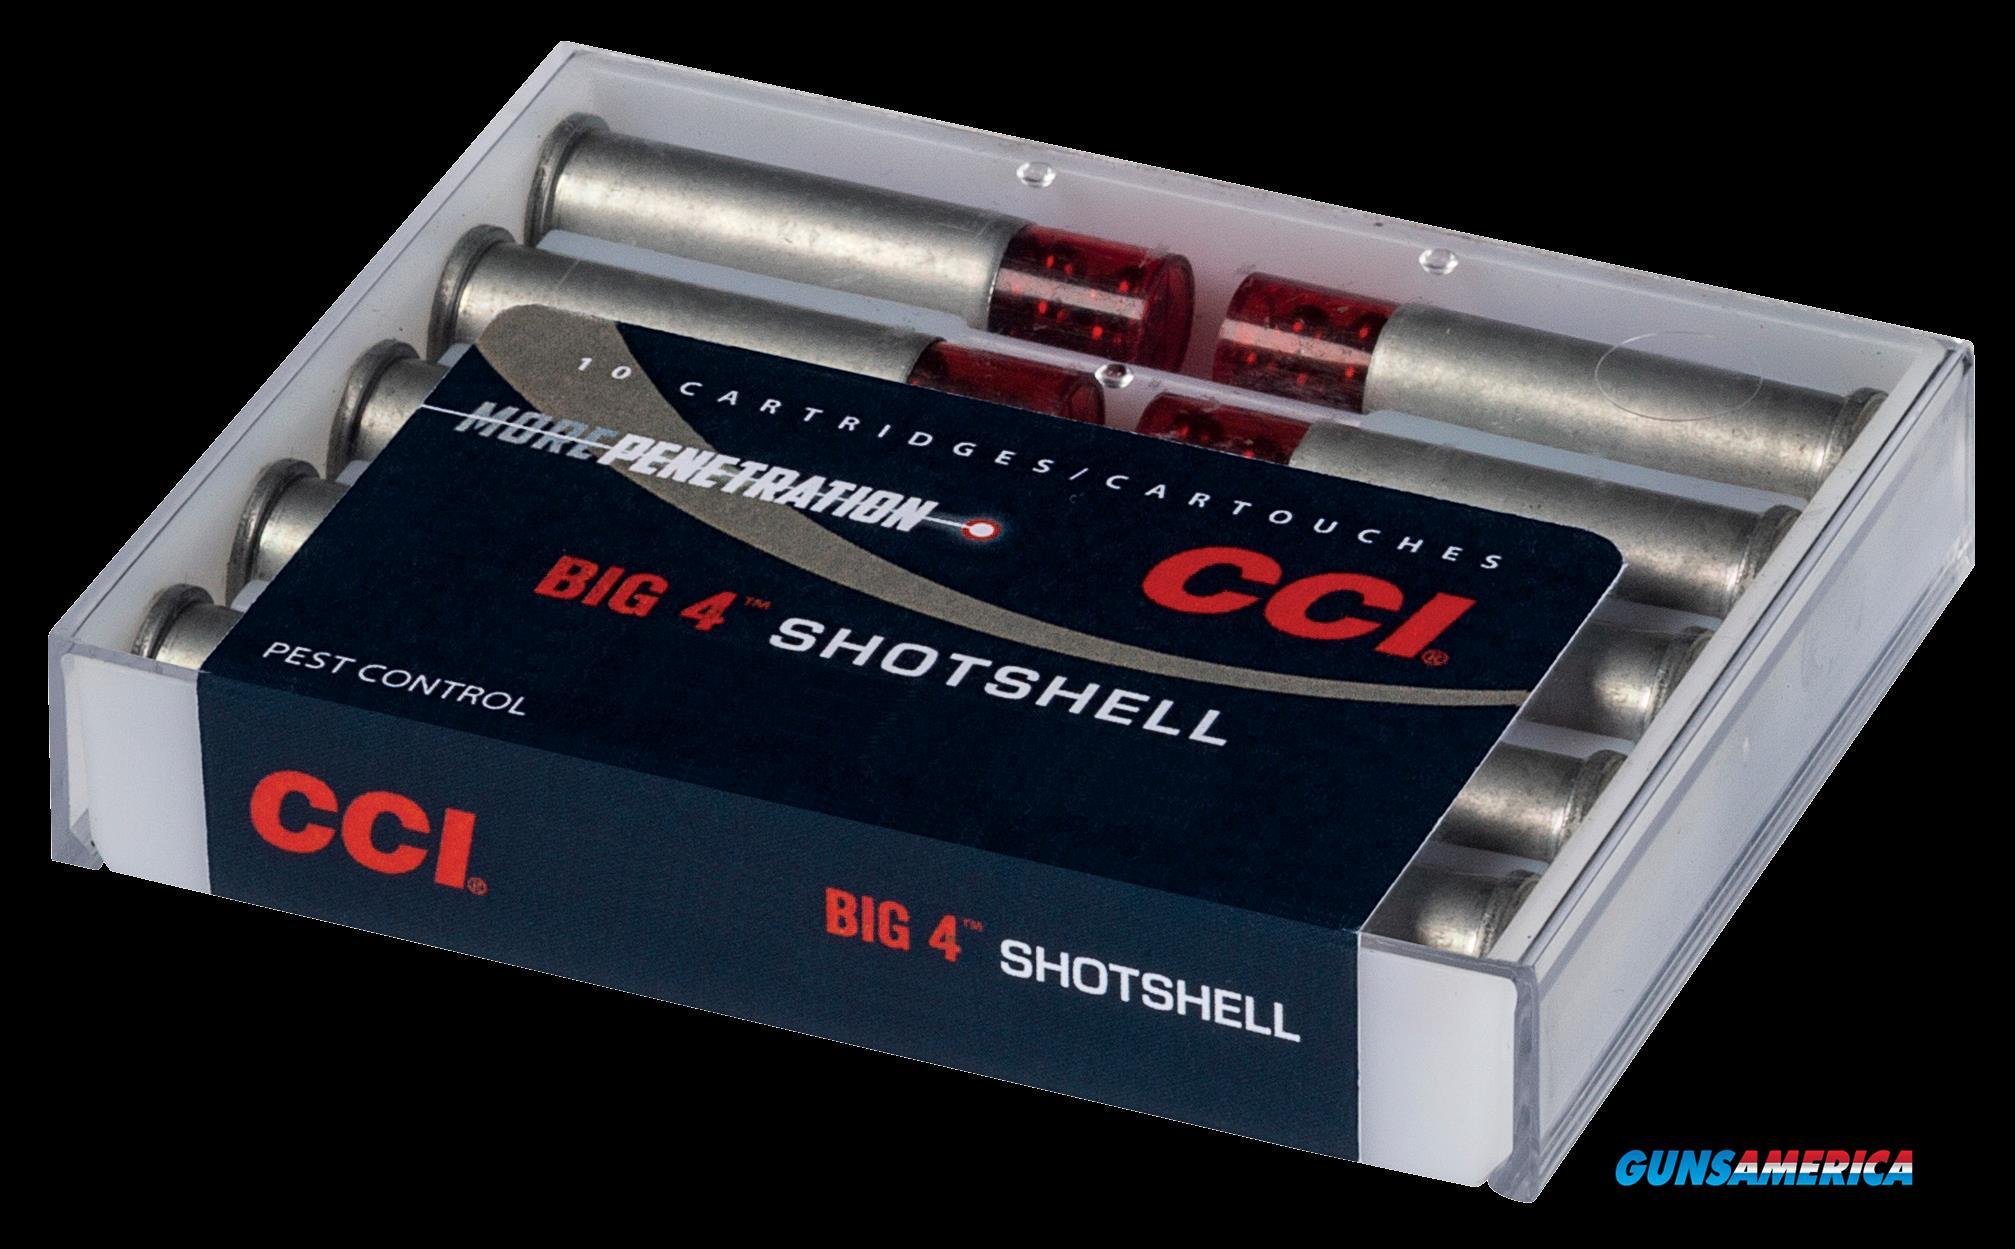 Cci Big 4, Cci 3722cc 45clt Shotshell #4               10-20  Guns > Pistols > 1911 Pistol Copies (non-Colt)